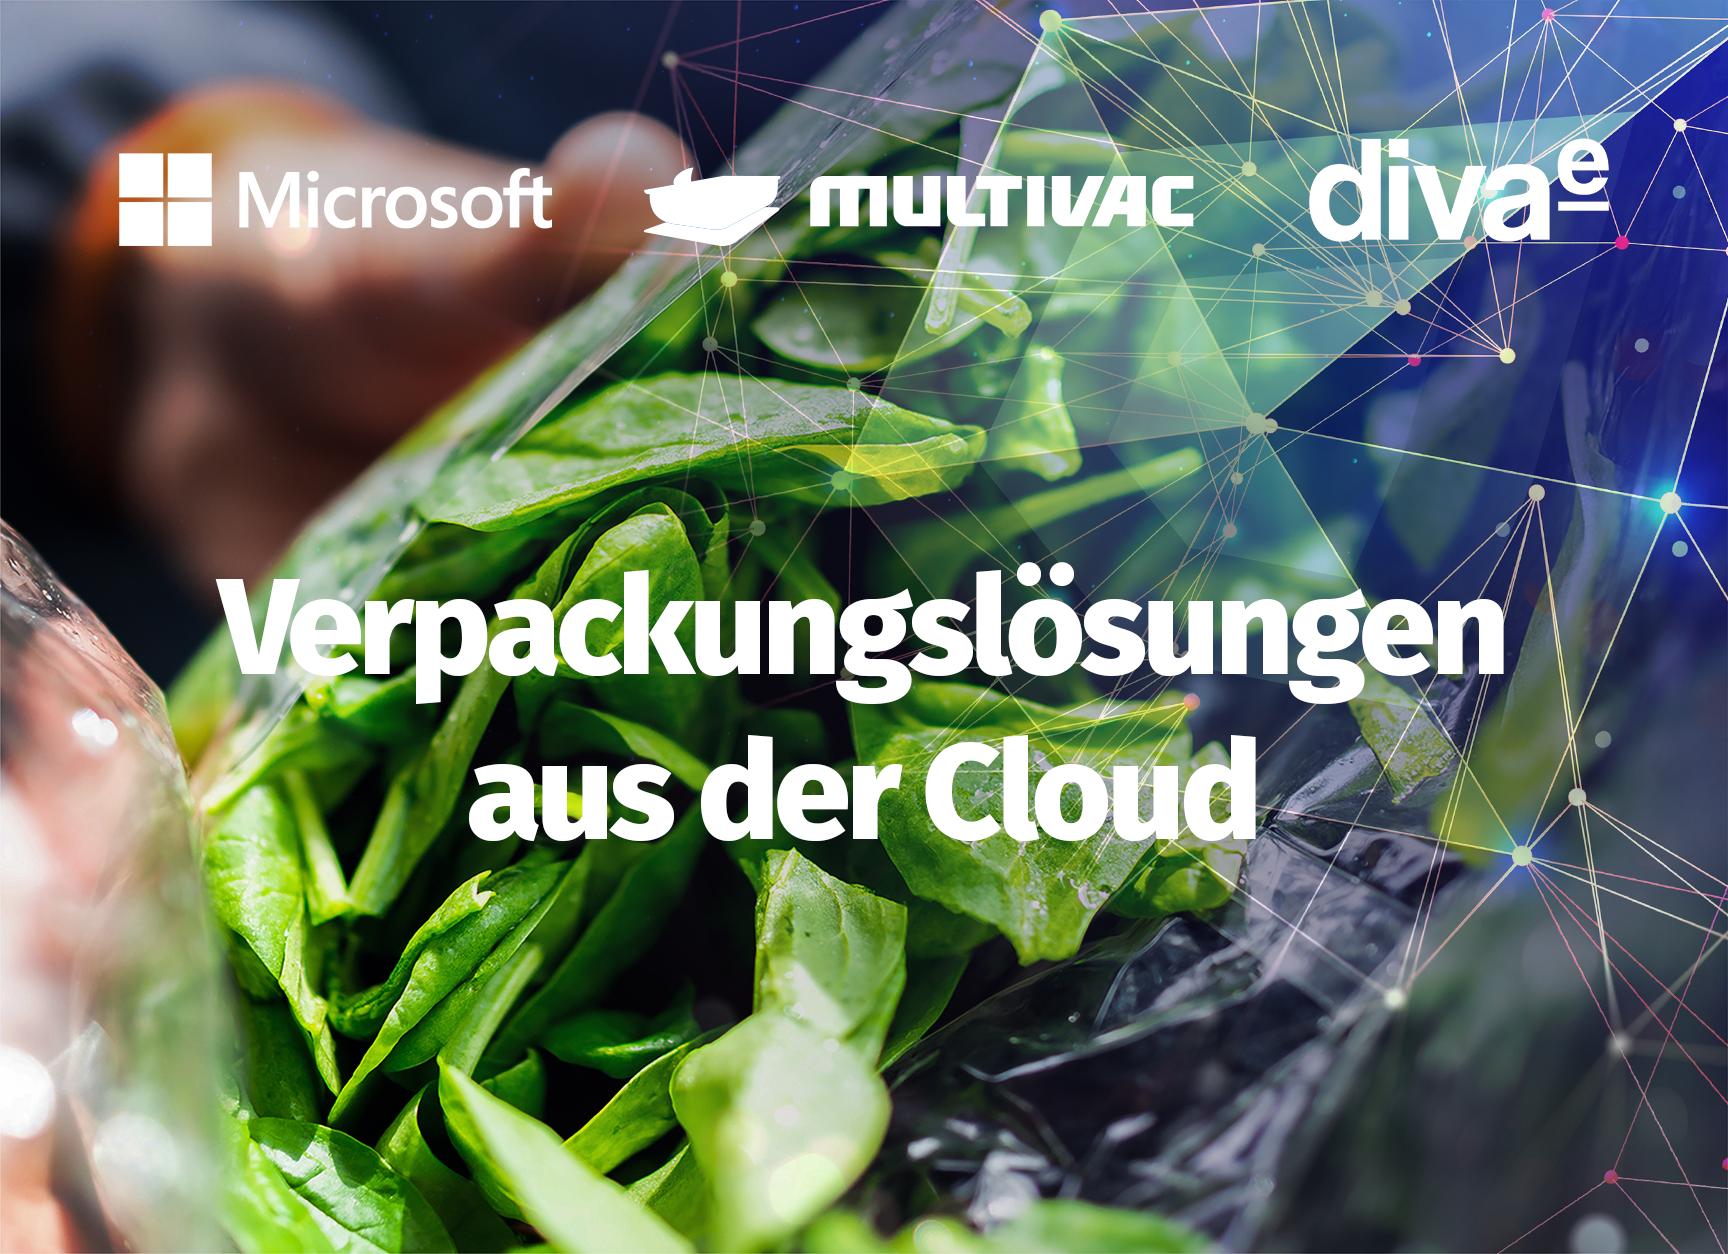 Verpackungsspezialist MULTIVAC packt Komplexität in die Cloud